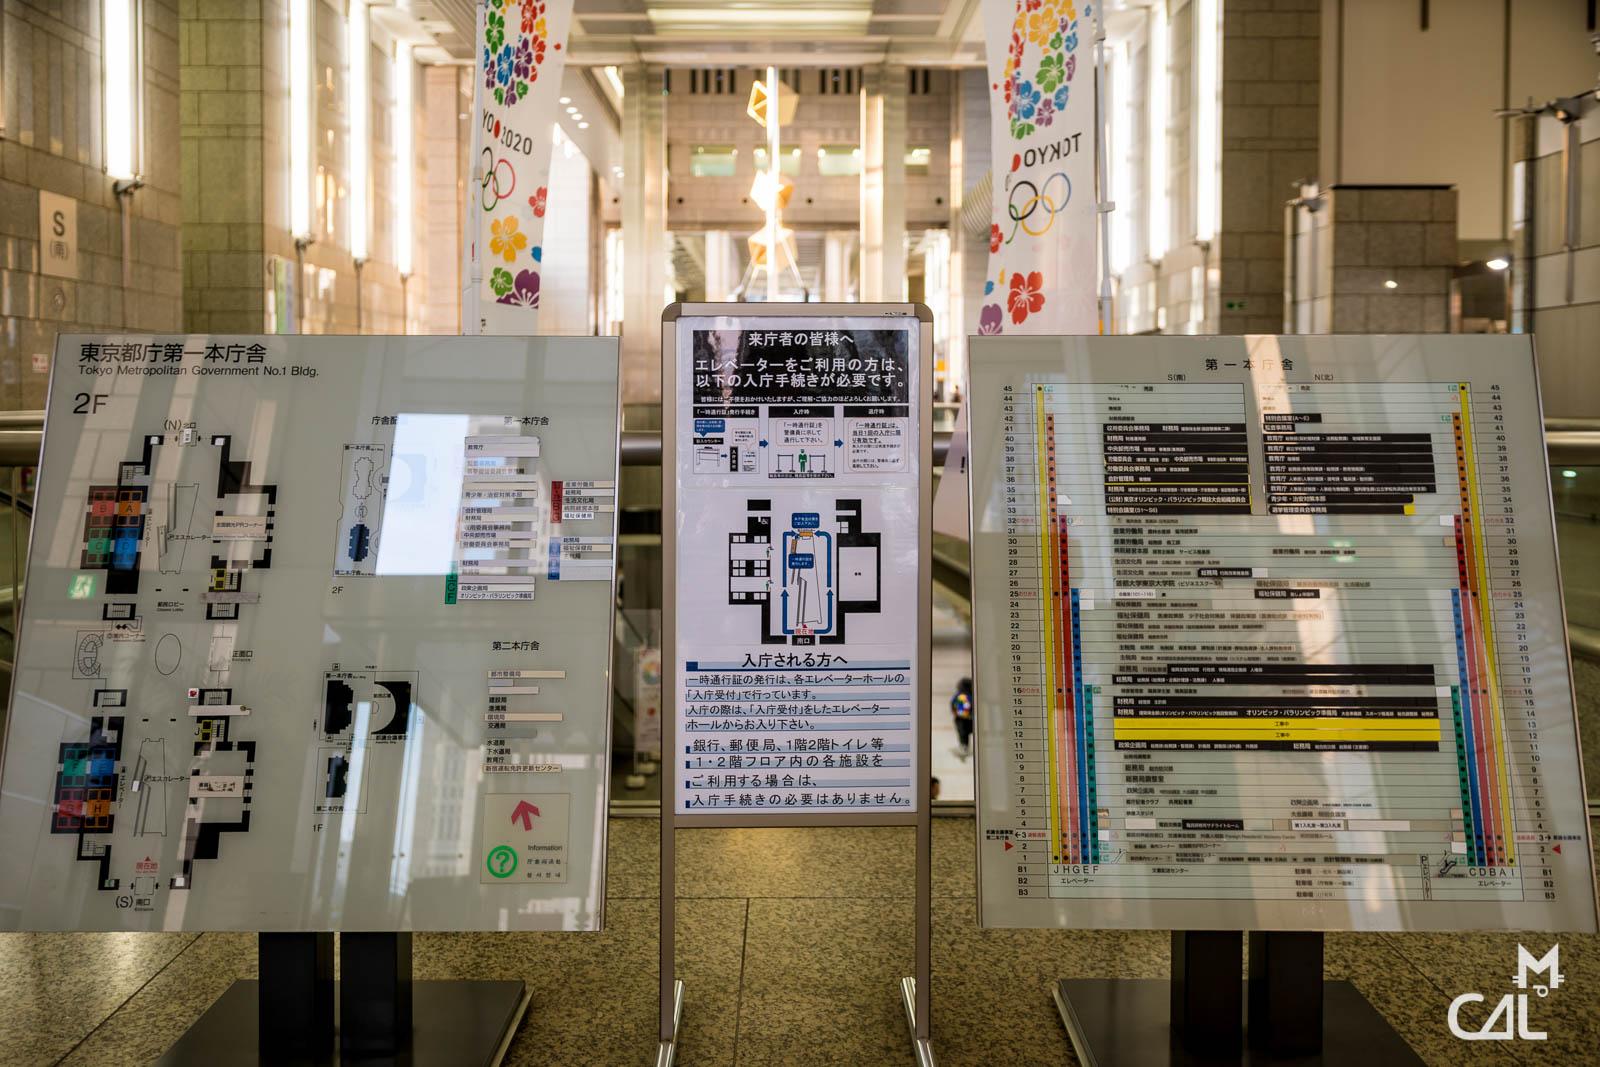 Tokyo Metropolitan Government Building : plans pas intuitifs  Mon chat aime ...